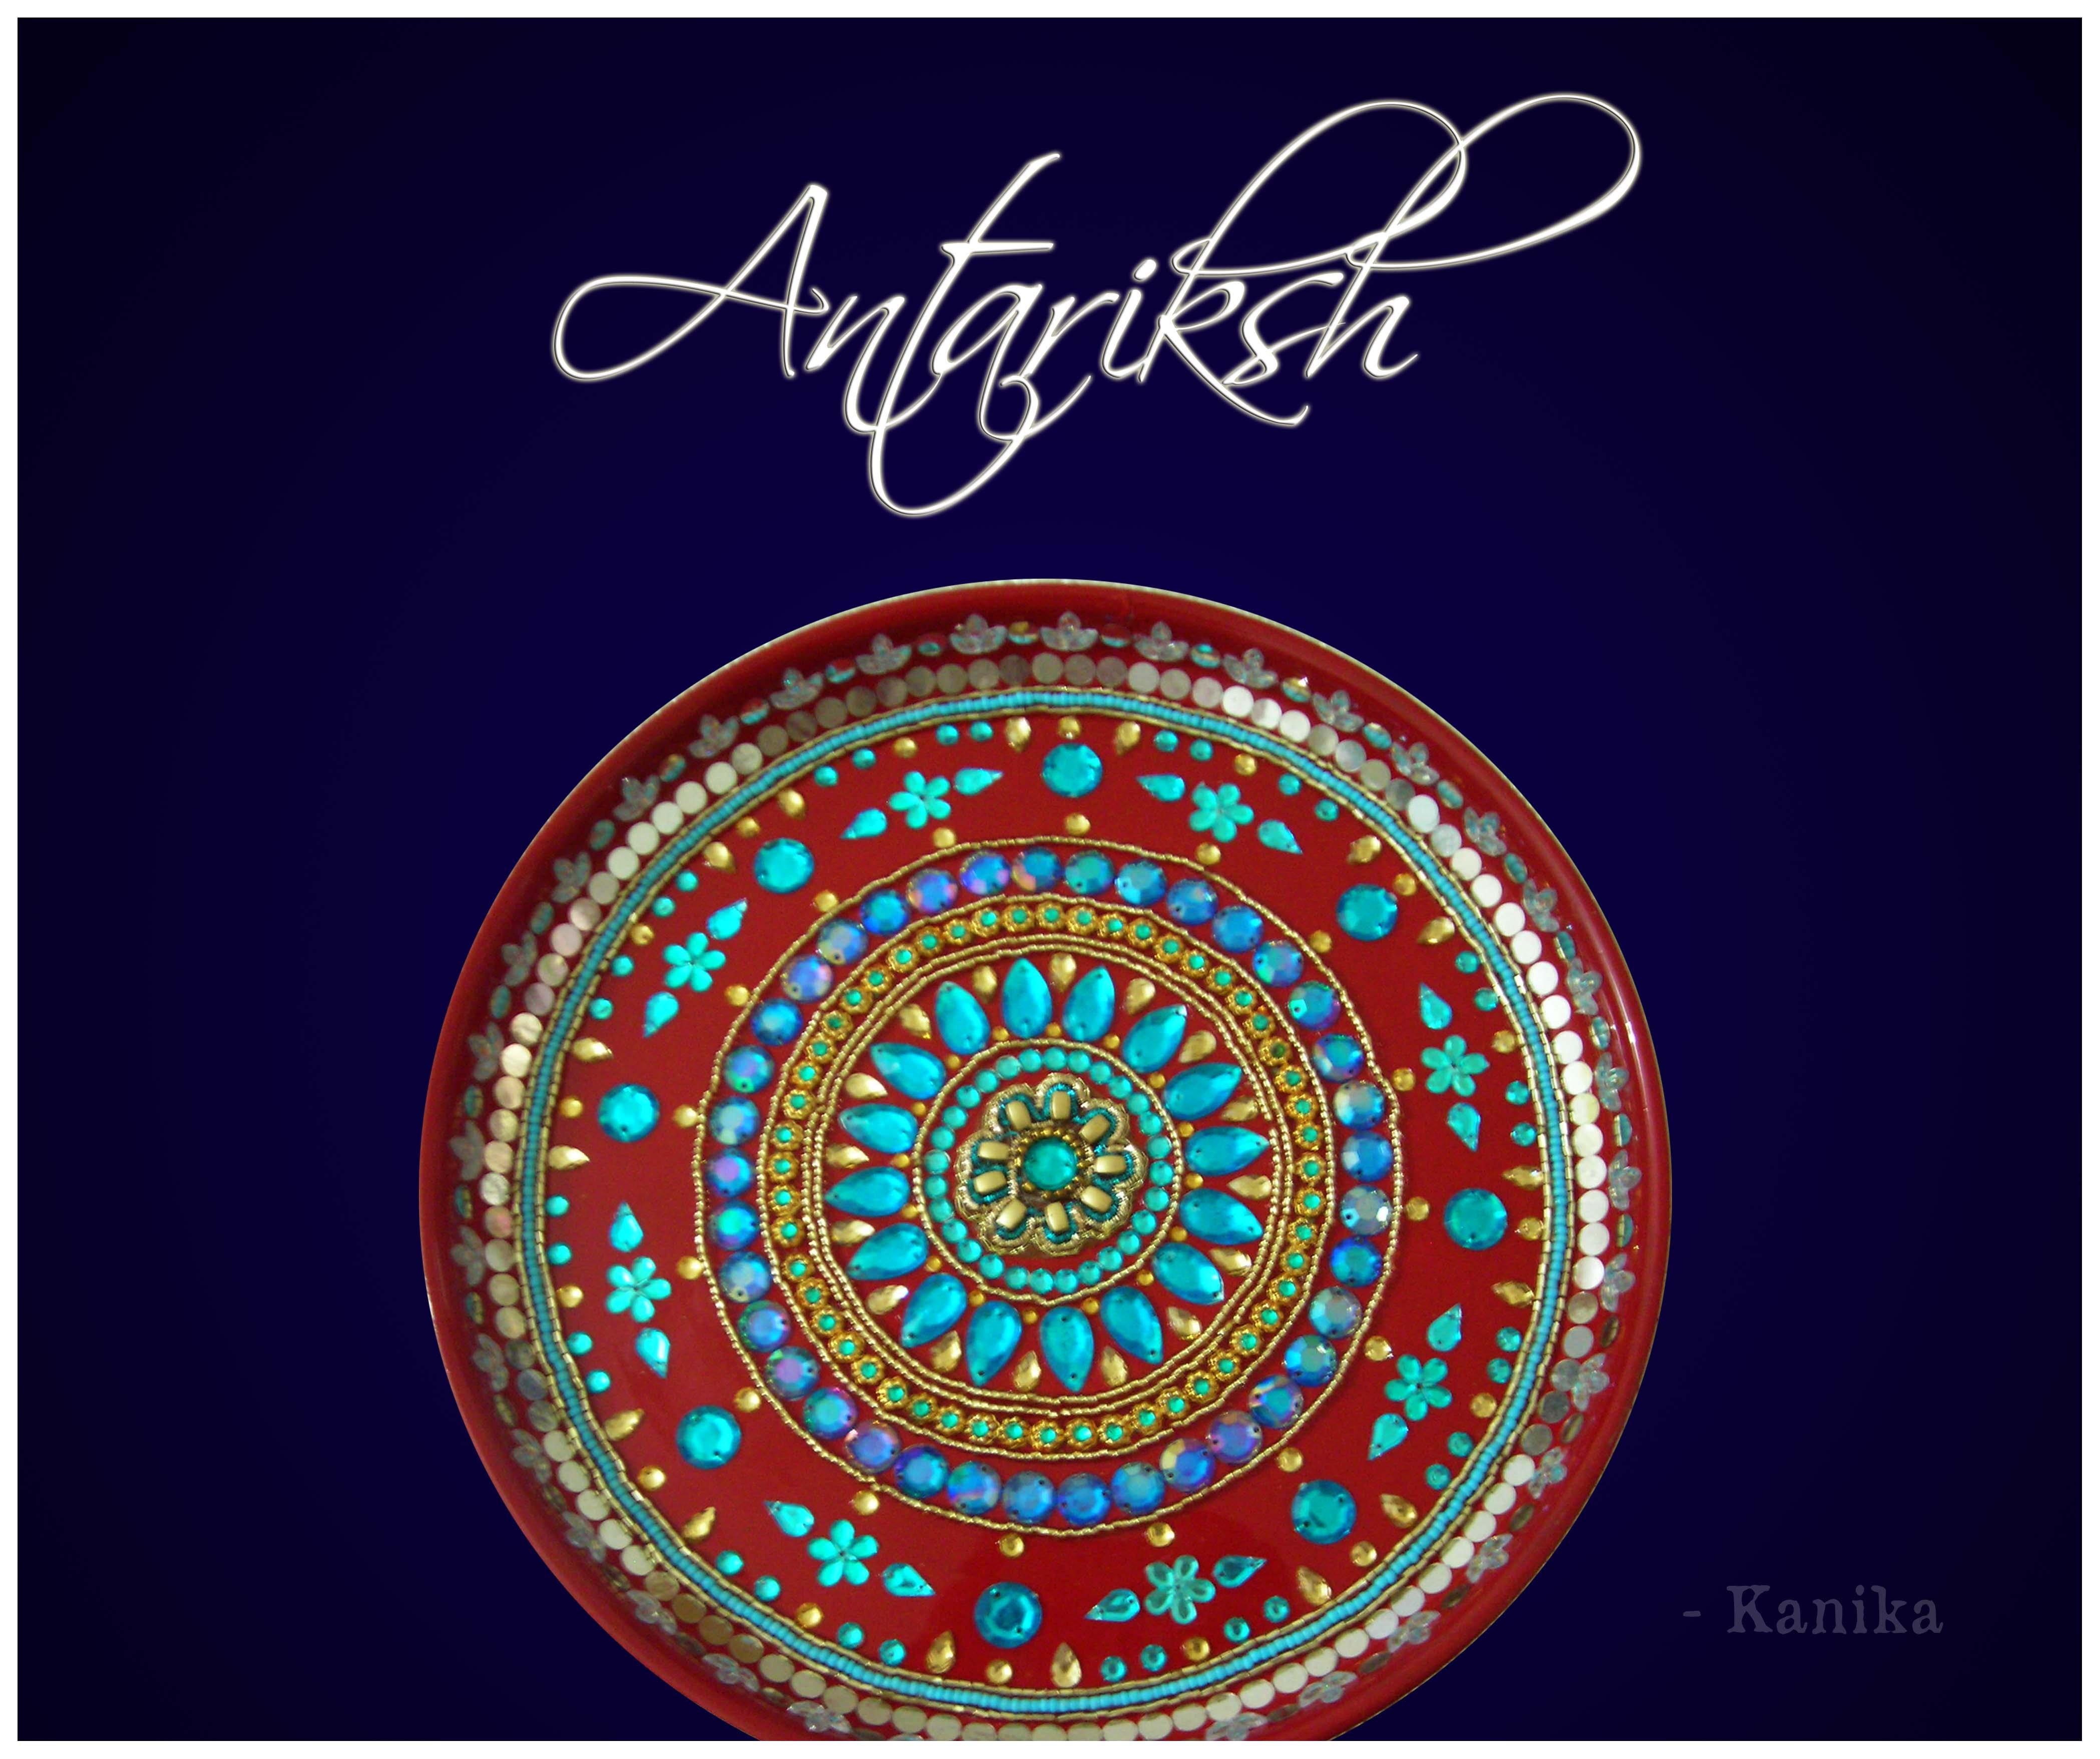 Anatariksh